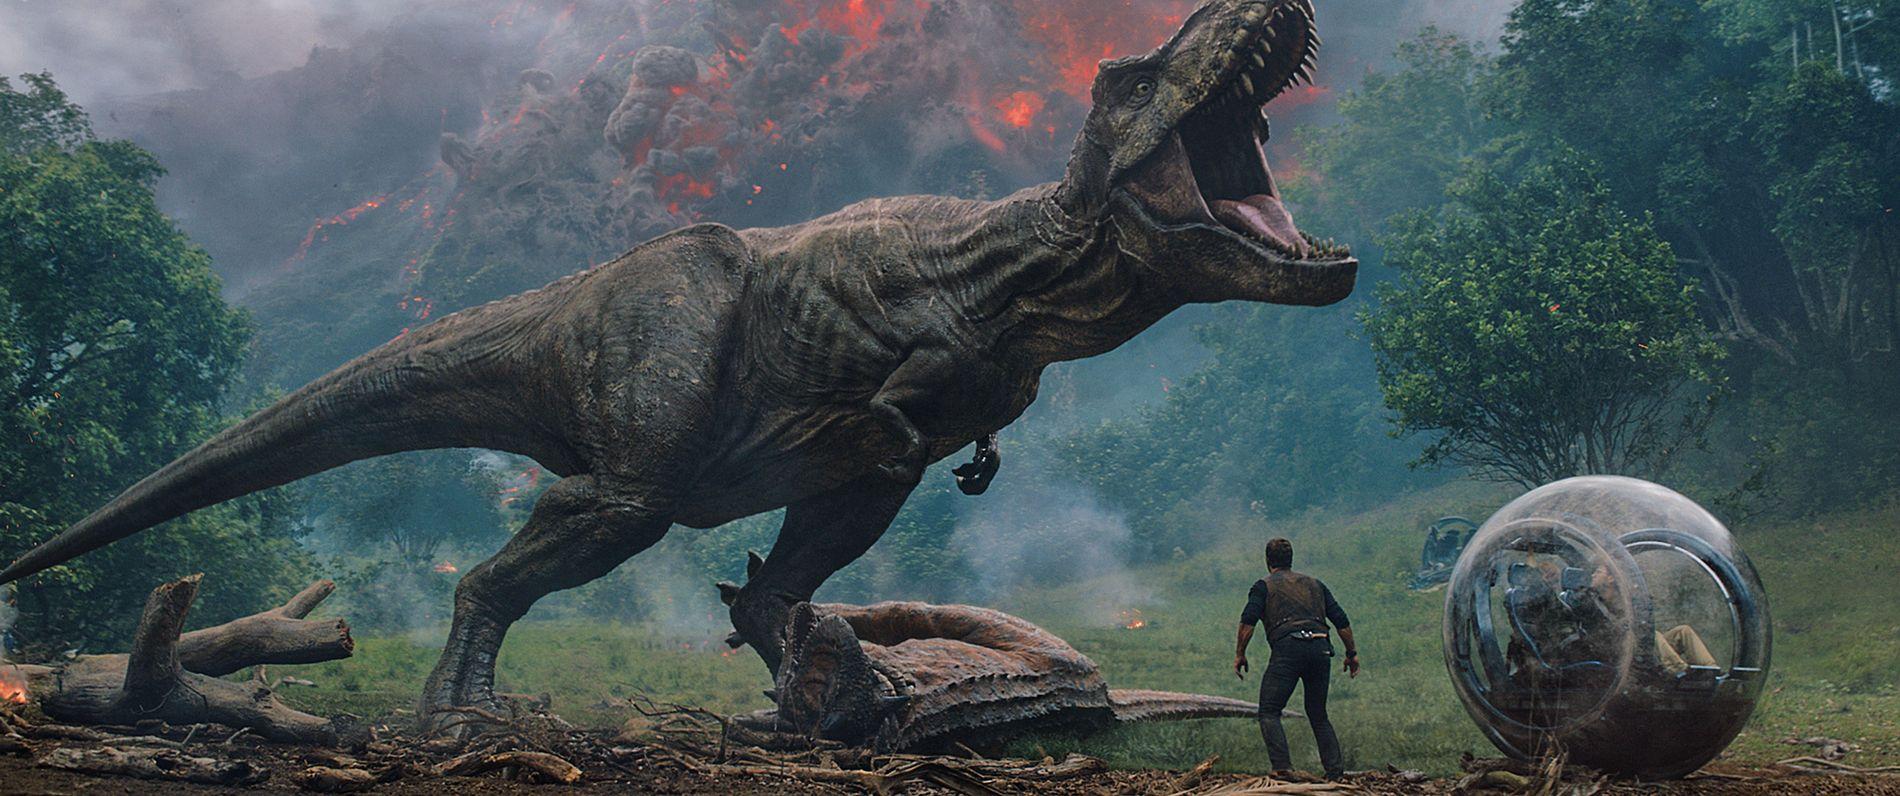 DETTE KAN BLI EN UTFORDRING: Chris Pratt (til høyre) og et stk. stort dyr i «Jurassic World: Fallen Kingdom».